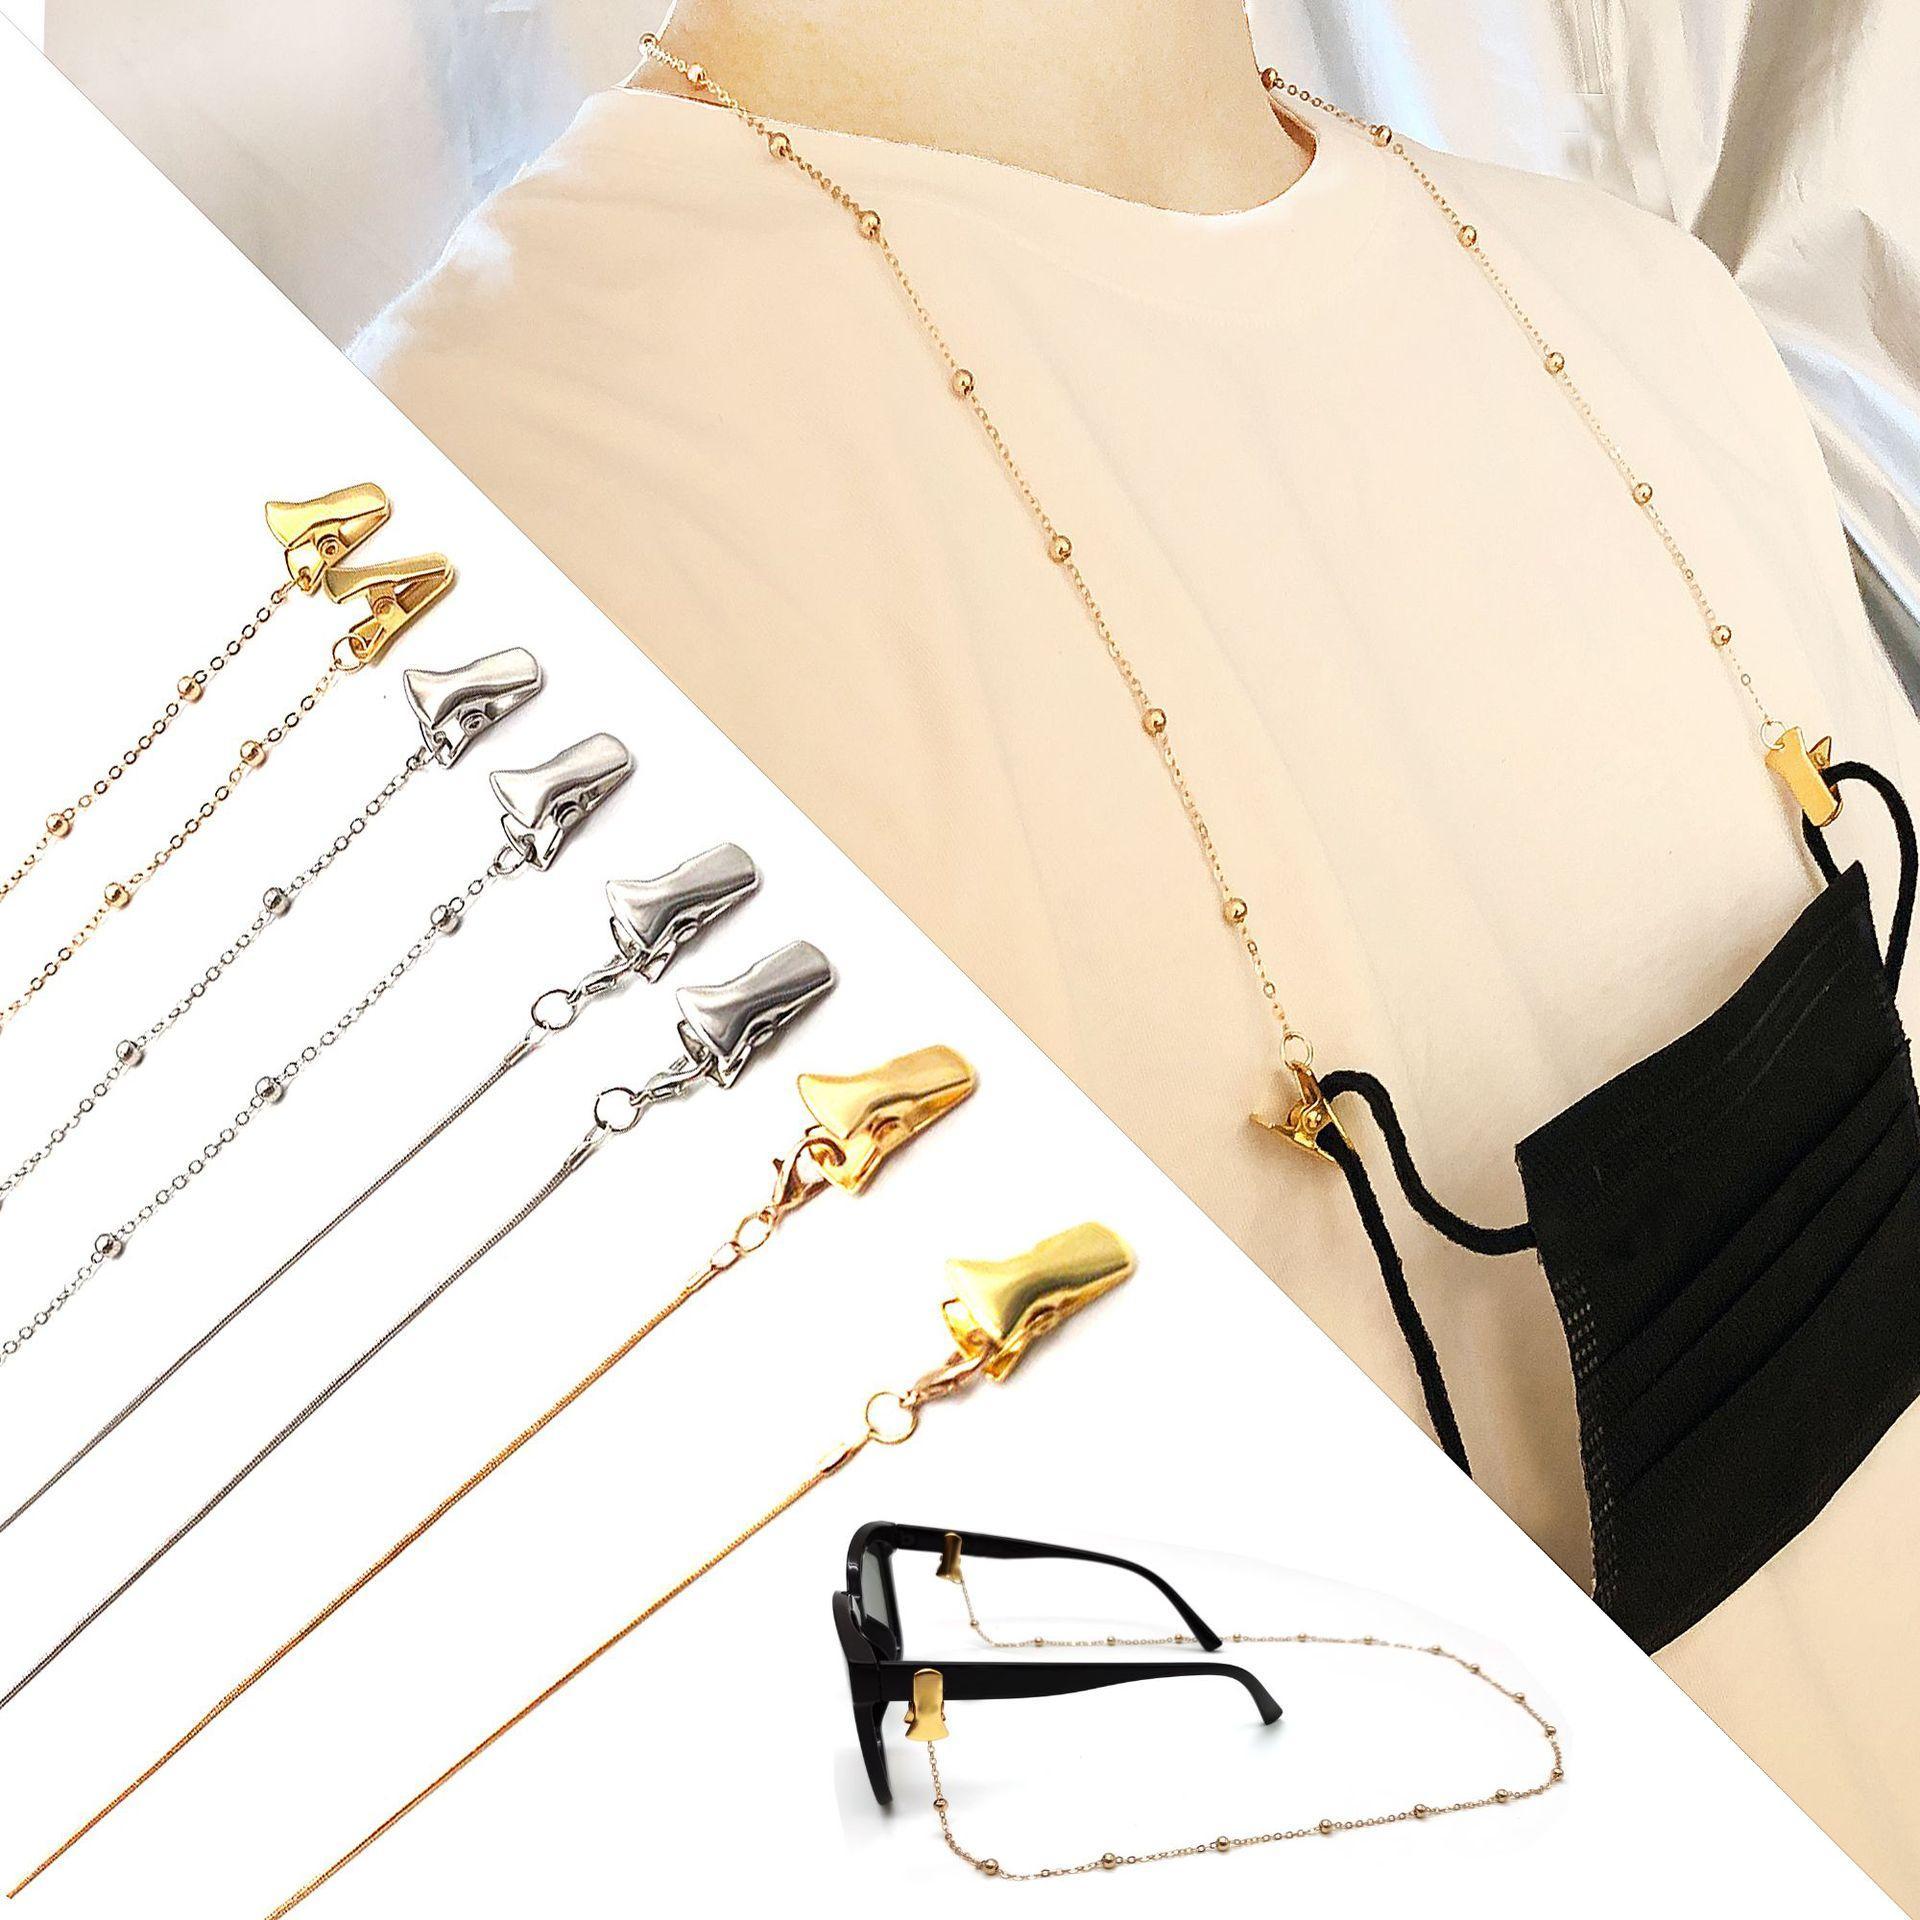 Masque lunettes chaîne d'extension avec 2 Clips Hook Argent Métal Or réglable Anti-lost lunettes Masque réglable Extension Longe KHA698